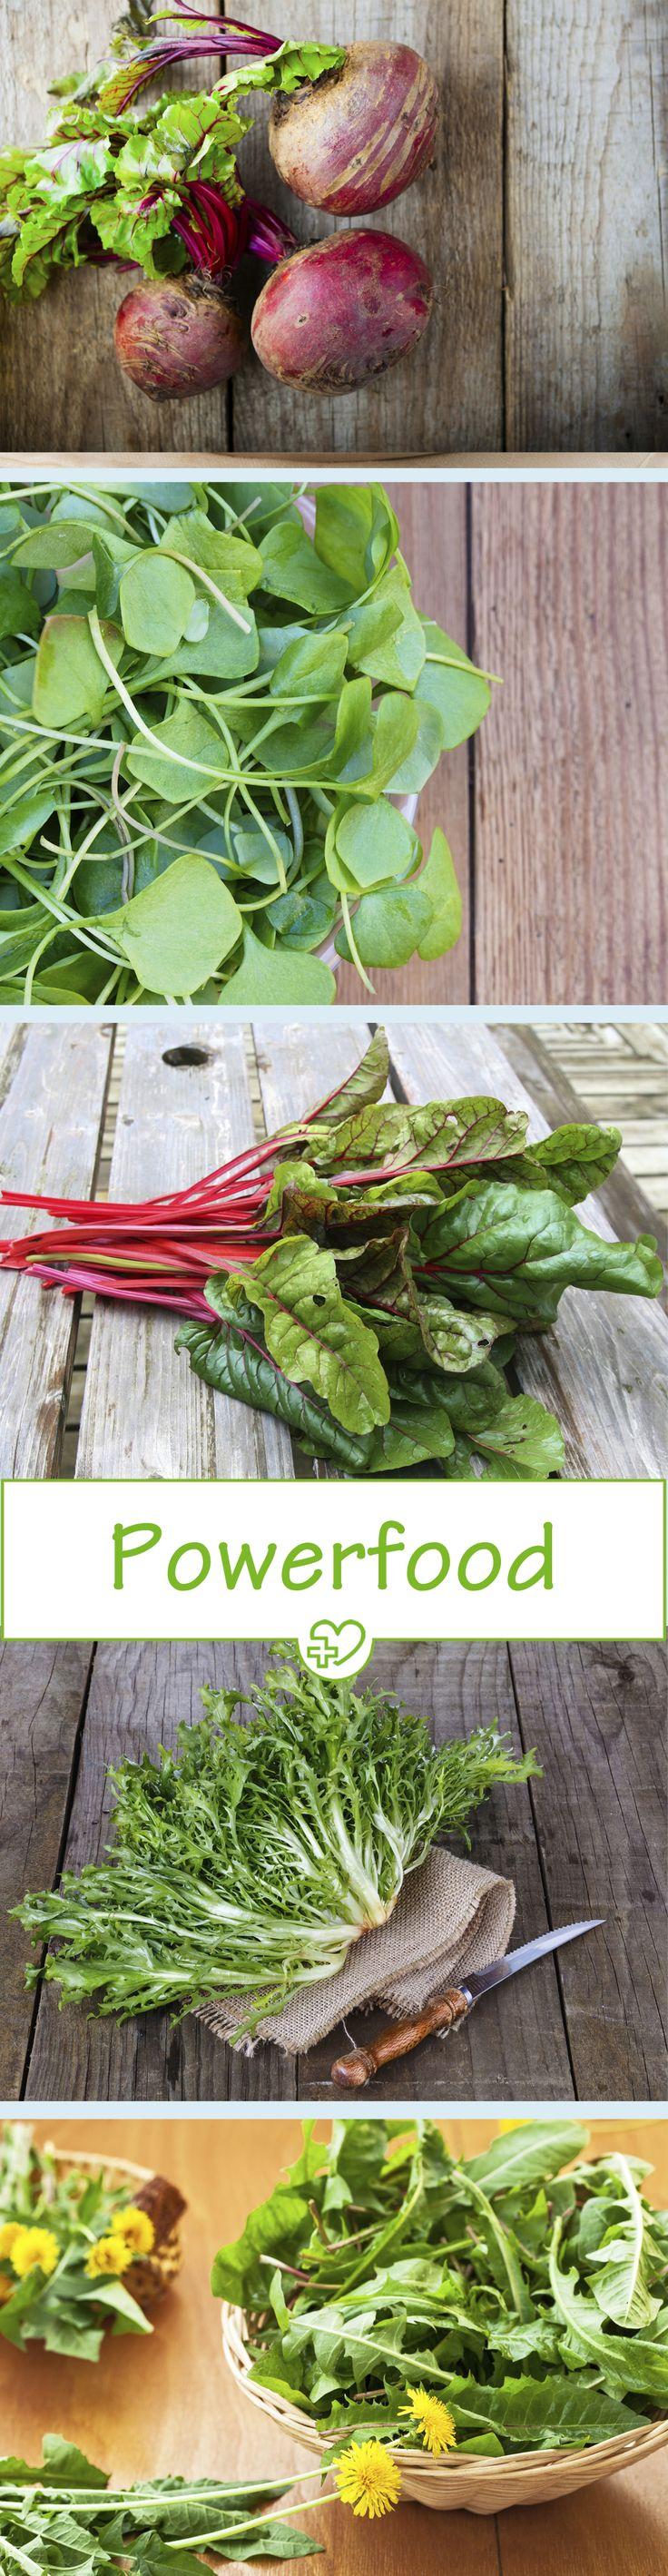 Powerfood: Die 20 nährstoffreichsten Lebensmittel! (Bildquelle: istock)